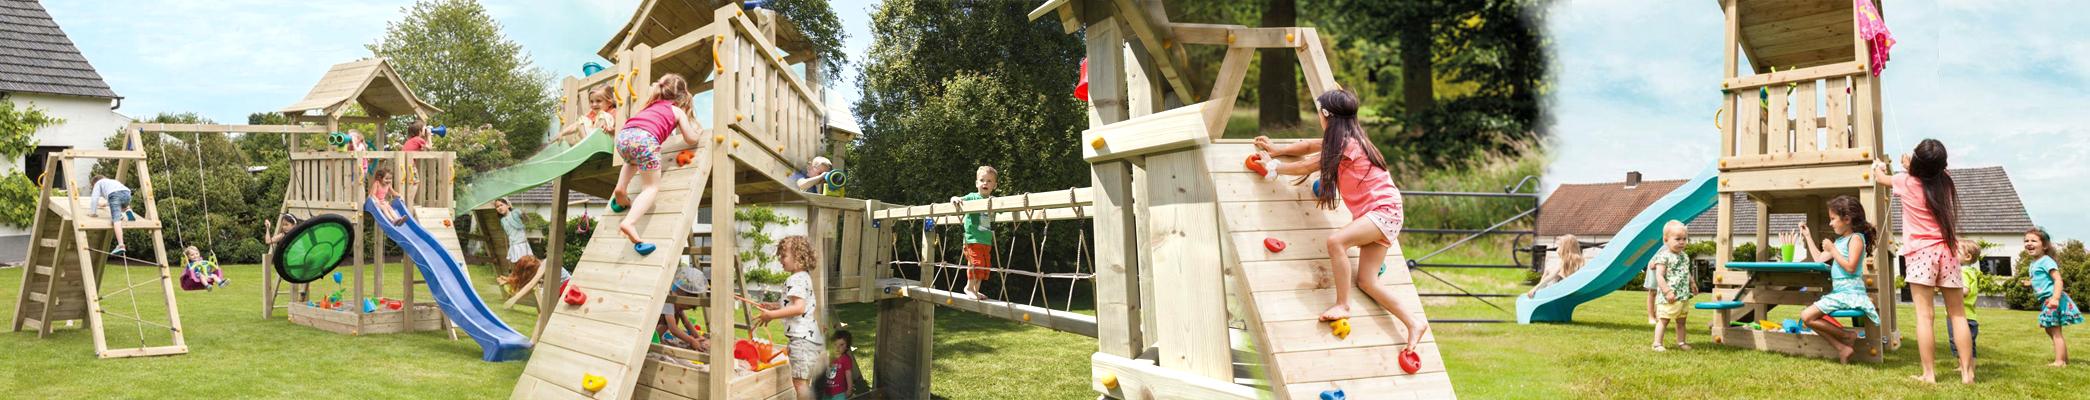 Domača zunanja lesena igrala za na vrt. Vrtne hiške, vrtni tobogani, vrtne gugalnice in stolpi so lahko vaši z ugodnim obročnim financiranjem Leanpay!